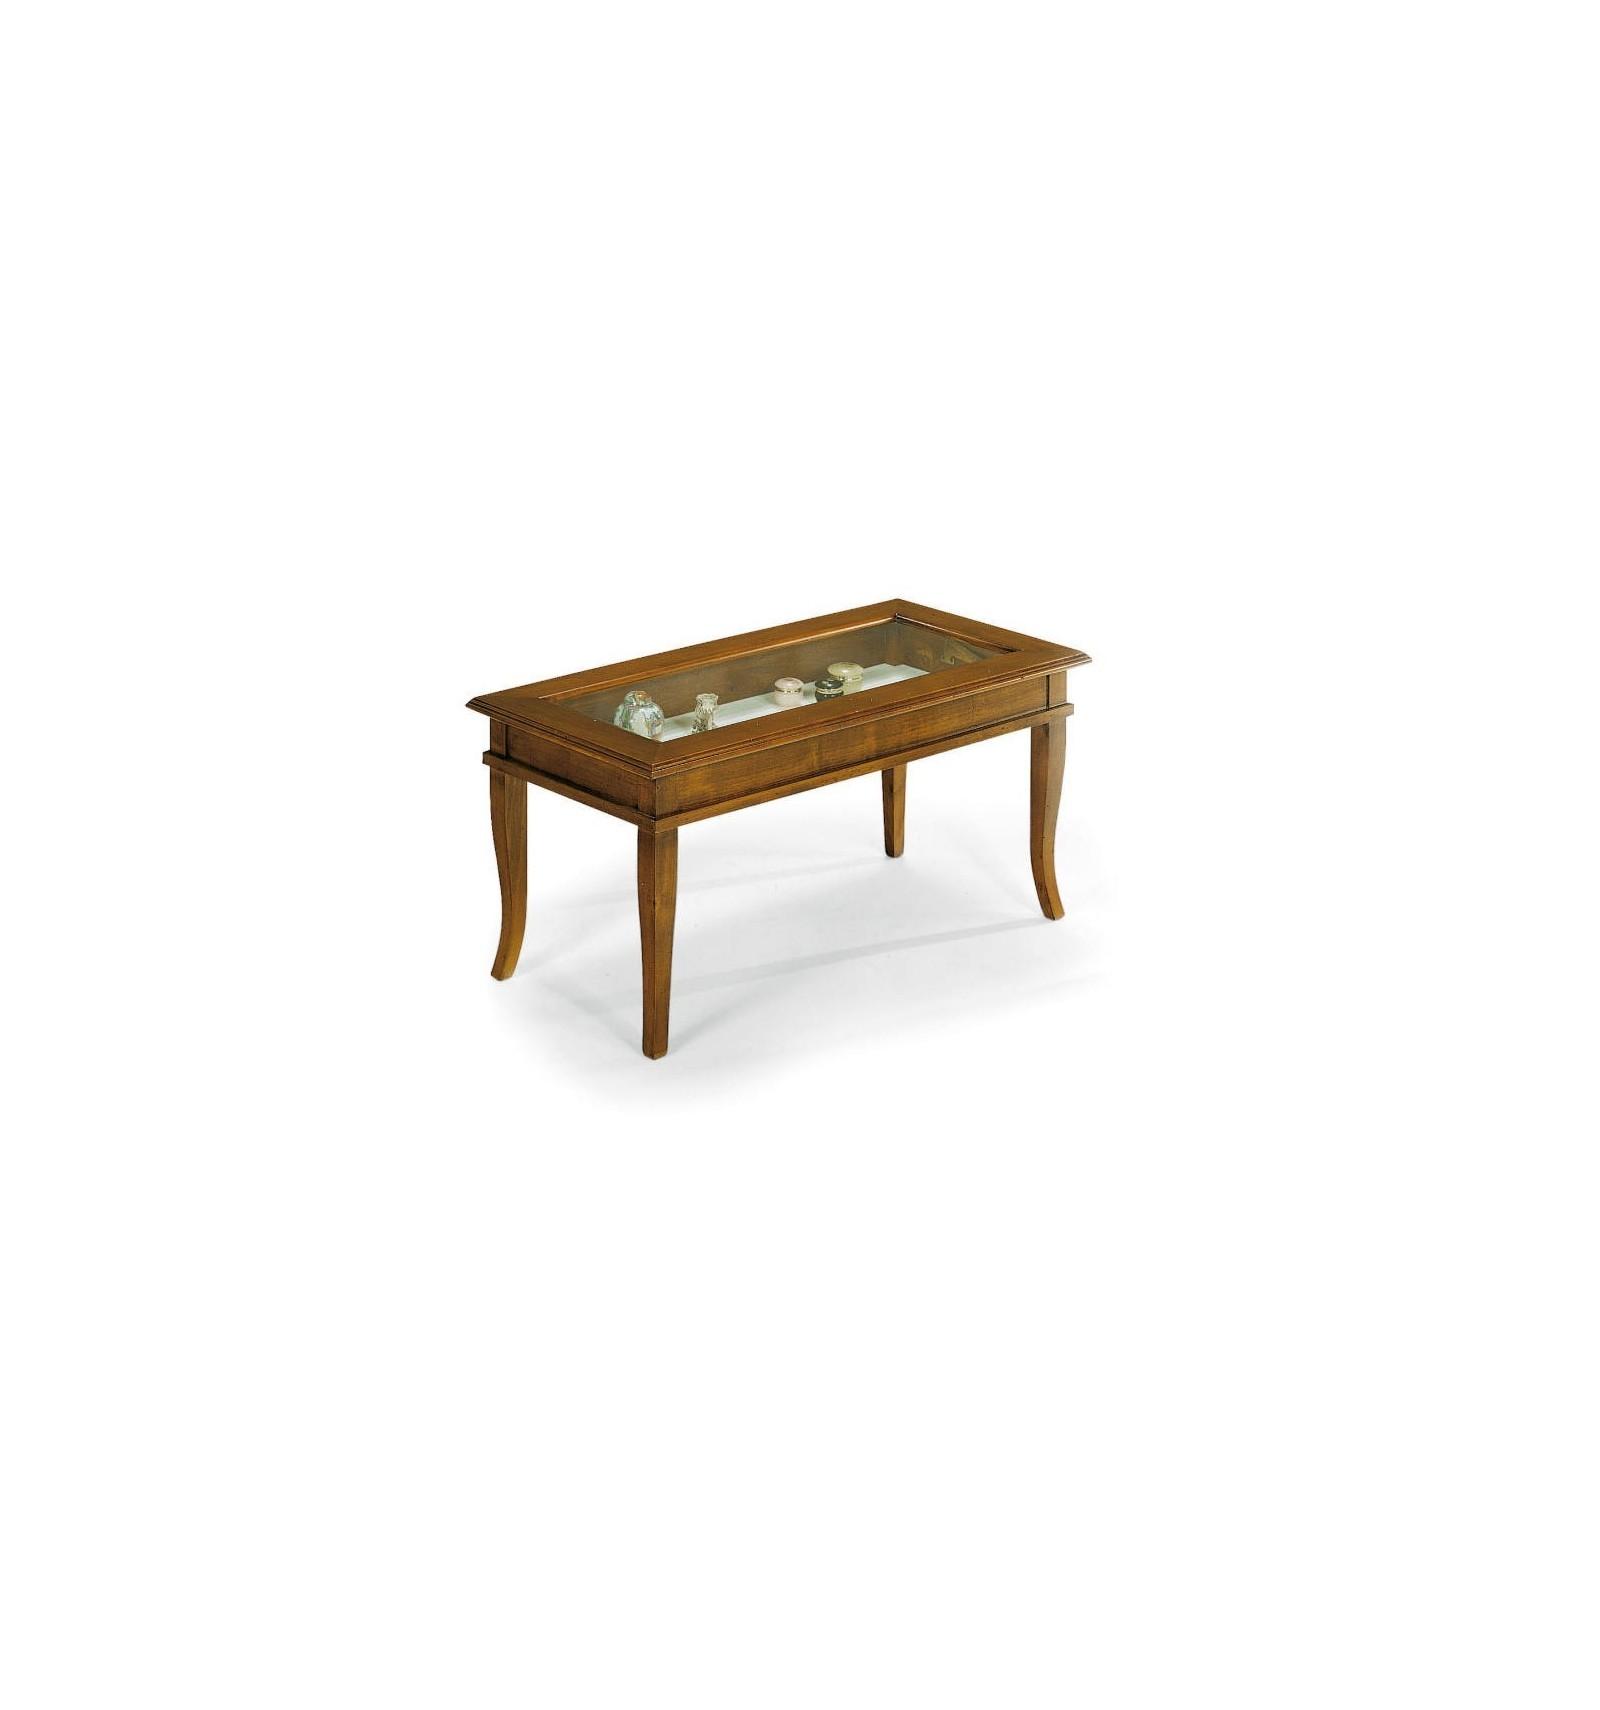 Tavolino Da Soggiorno Rettangolare.Tavolino Rettangolare Da Salotto Classico Con Vetro W63 N